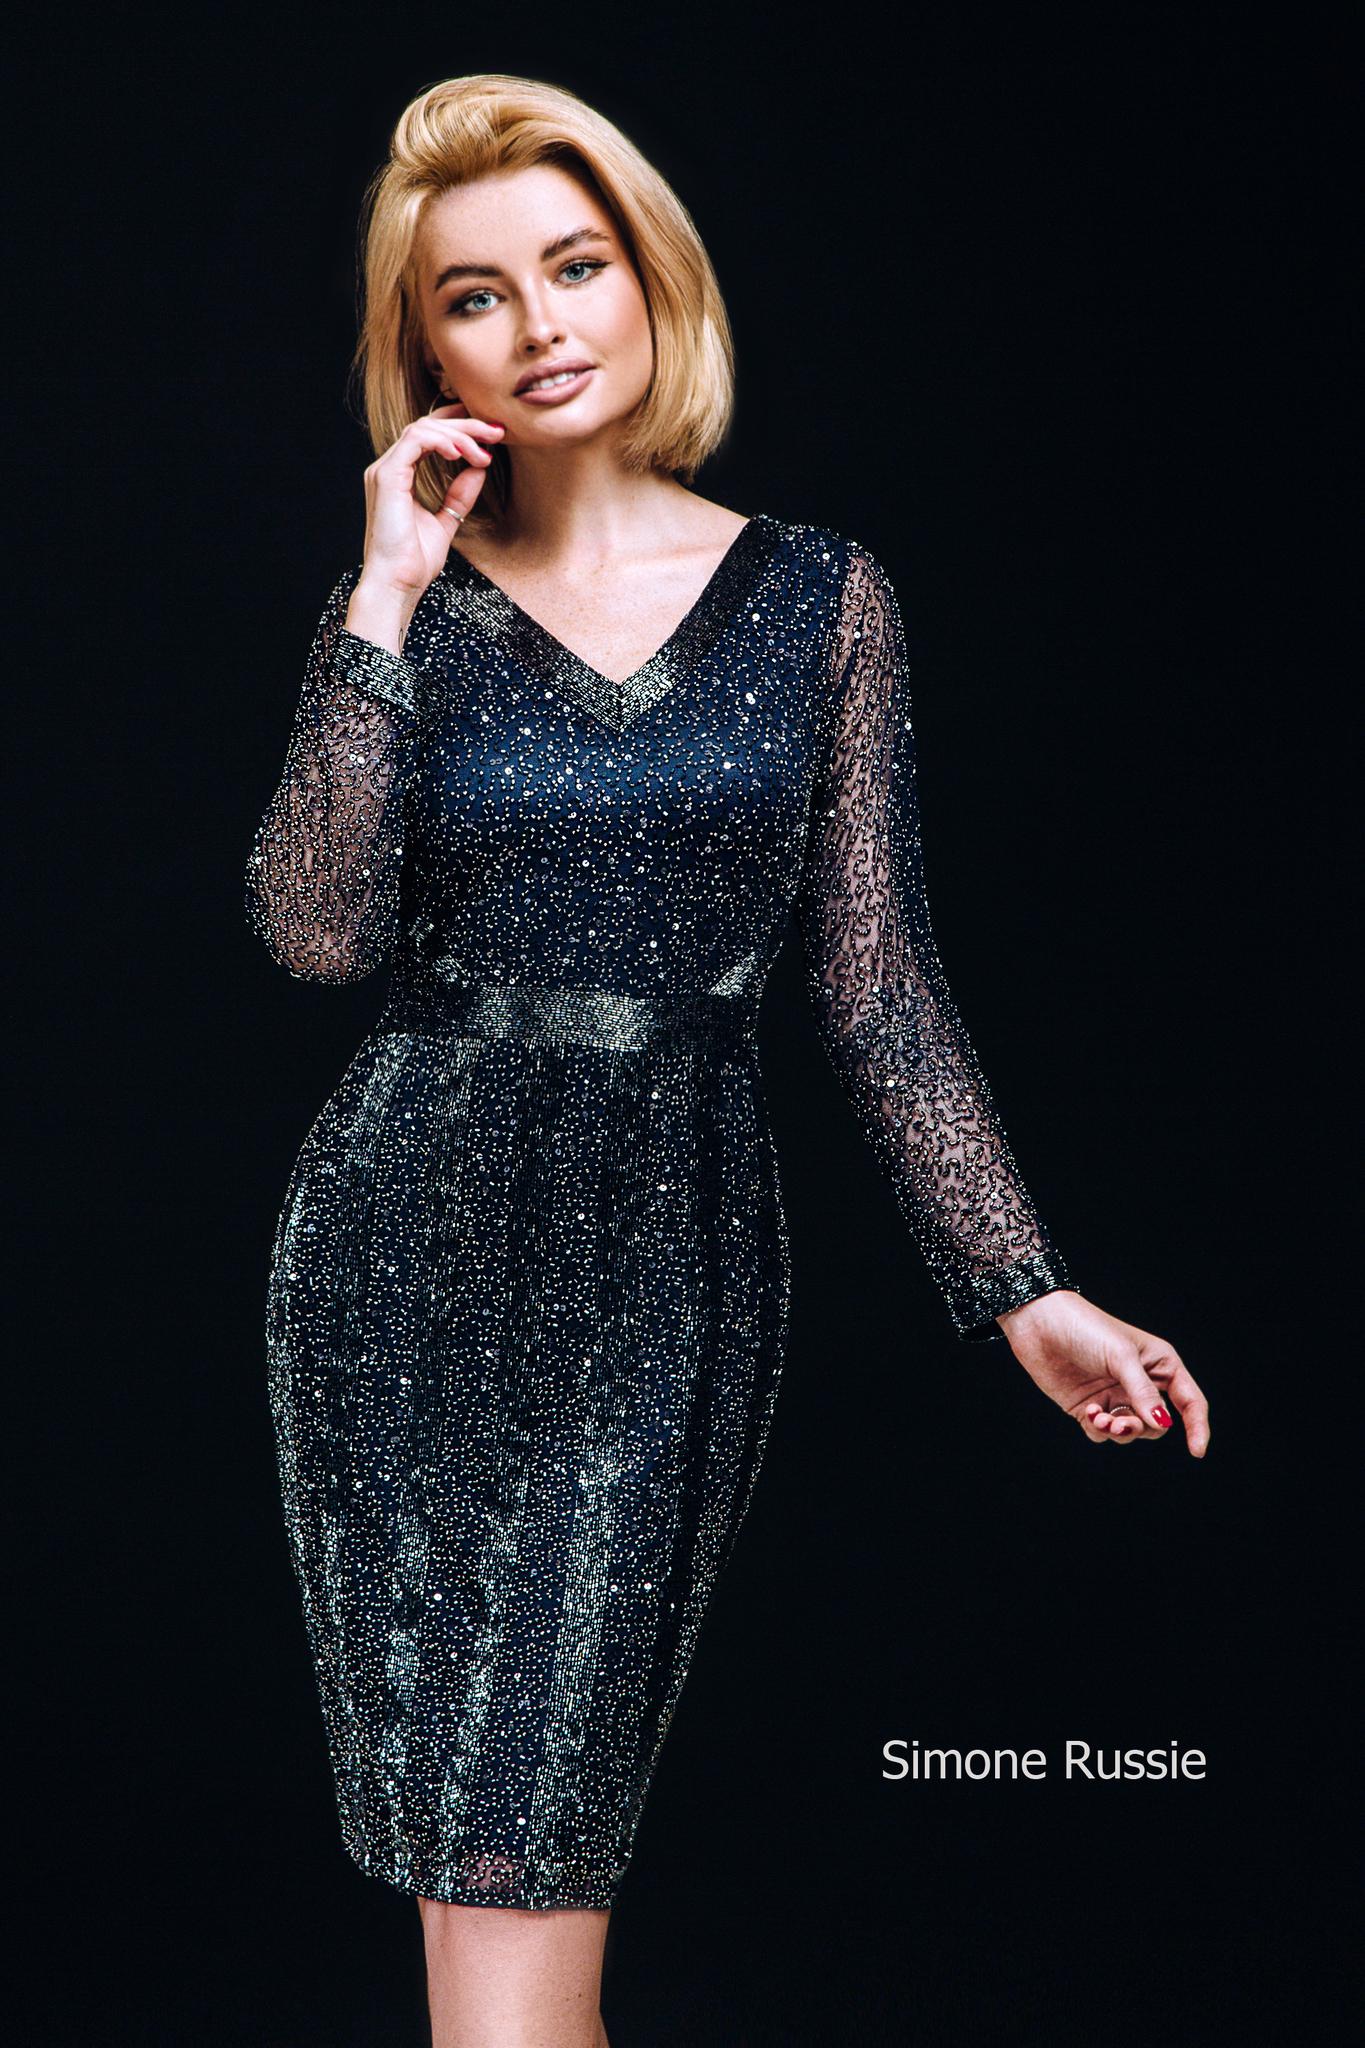 Simone Russie SR1947 Платье средней длины расшитое бисером